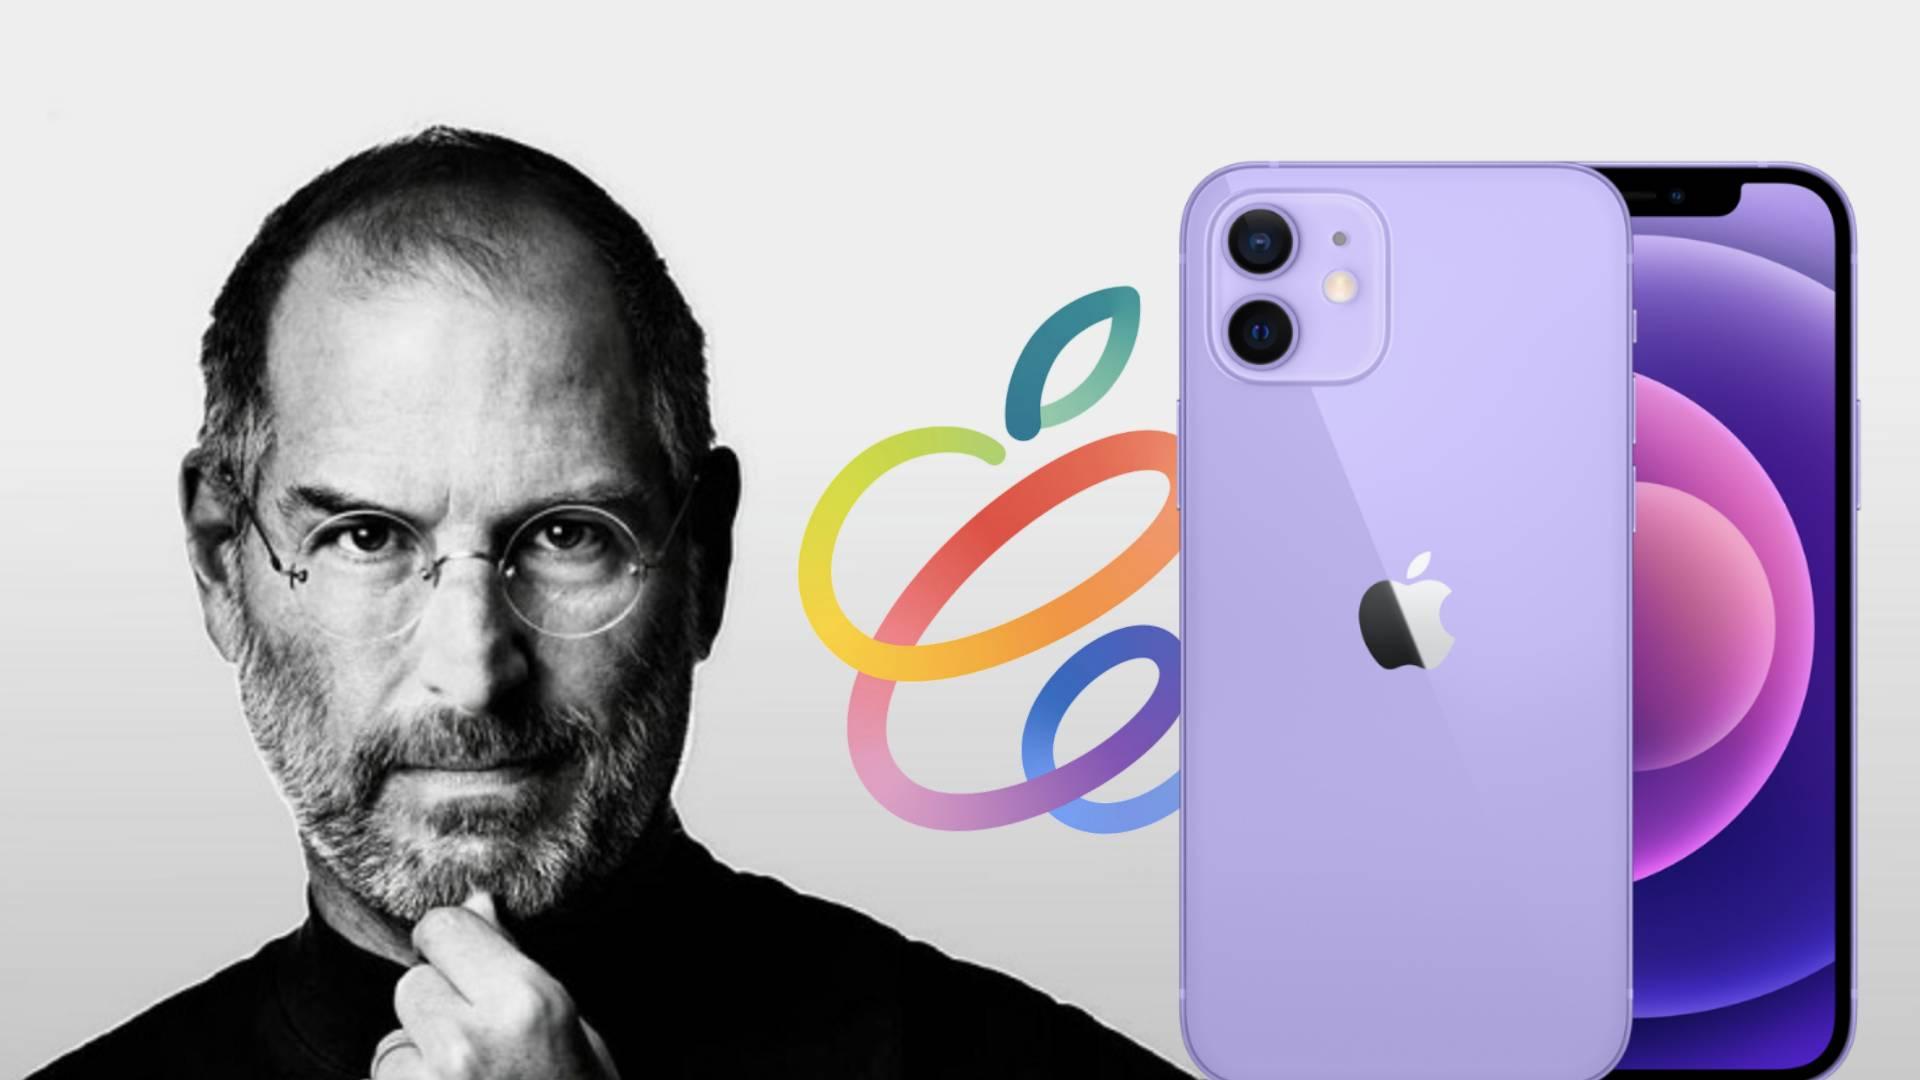 Így emlékeztek meg Steve Jobs-ról a Spring Loaded eseményen